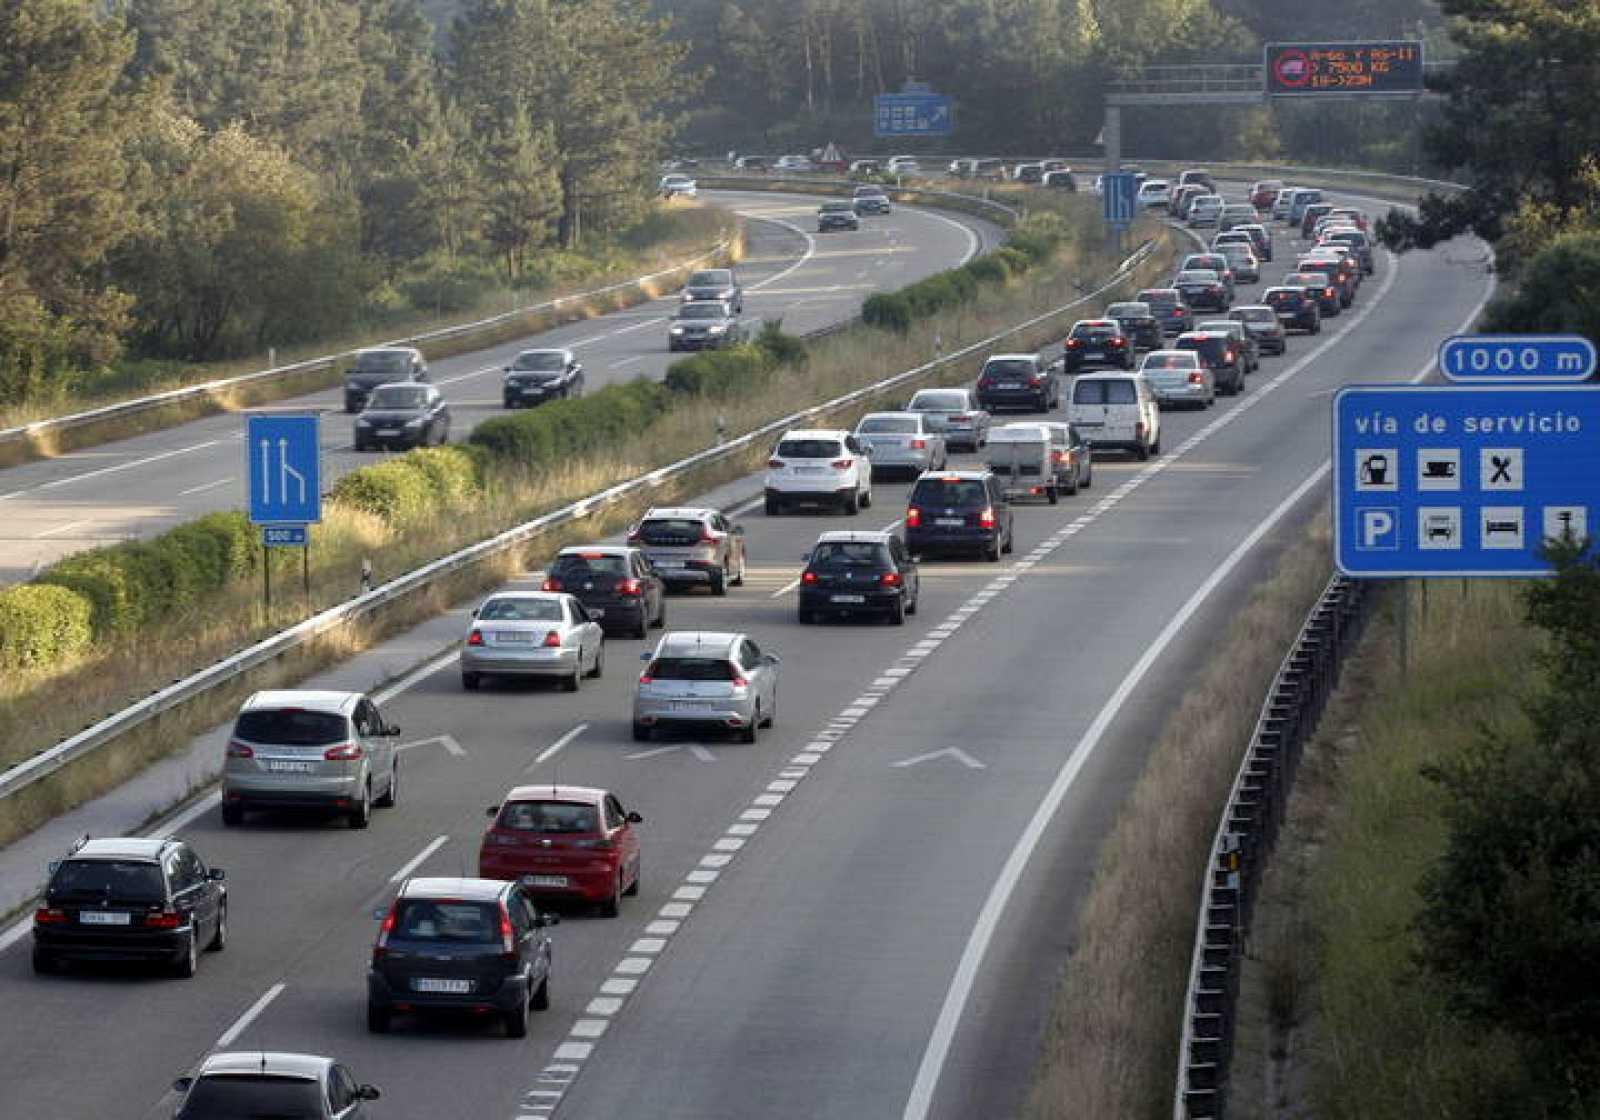 La autopista A-8 a la entrada de Oviedo